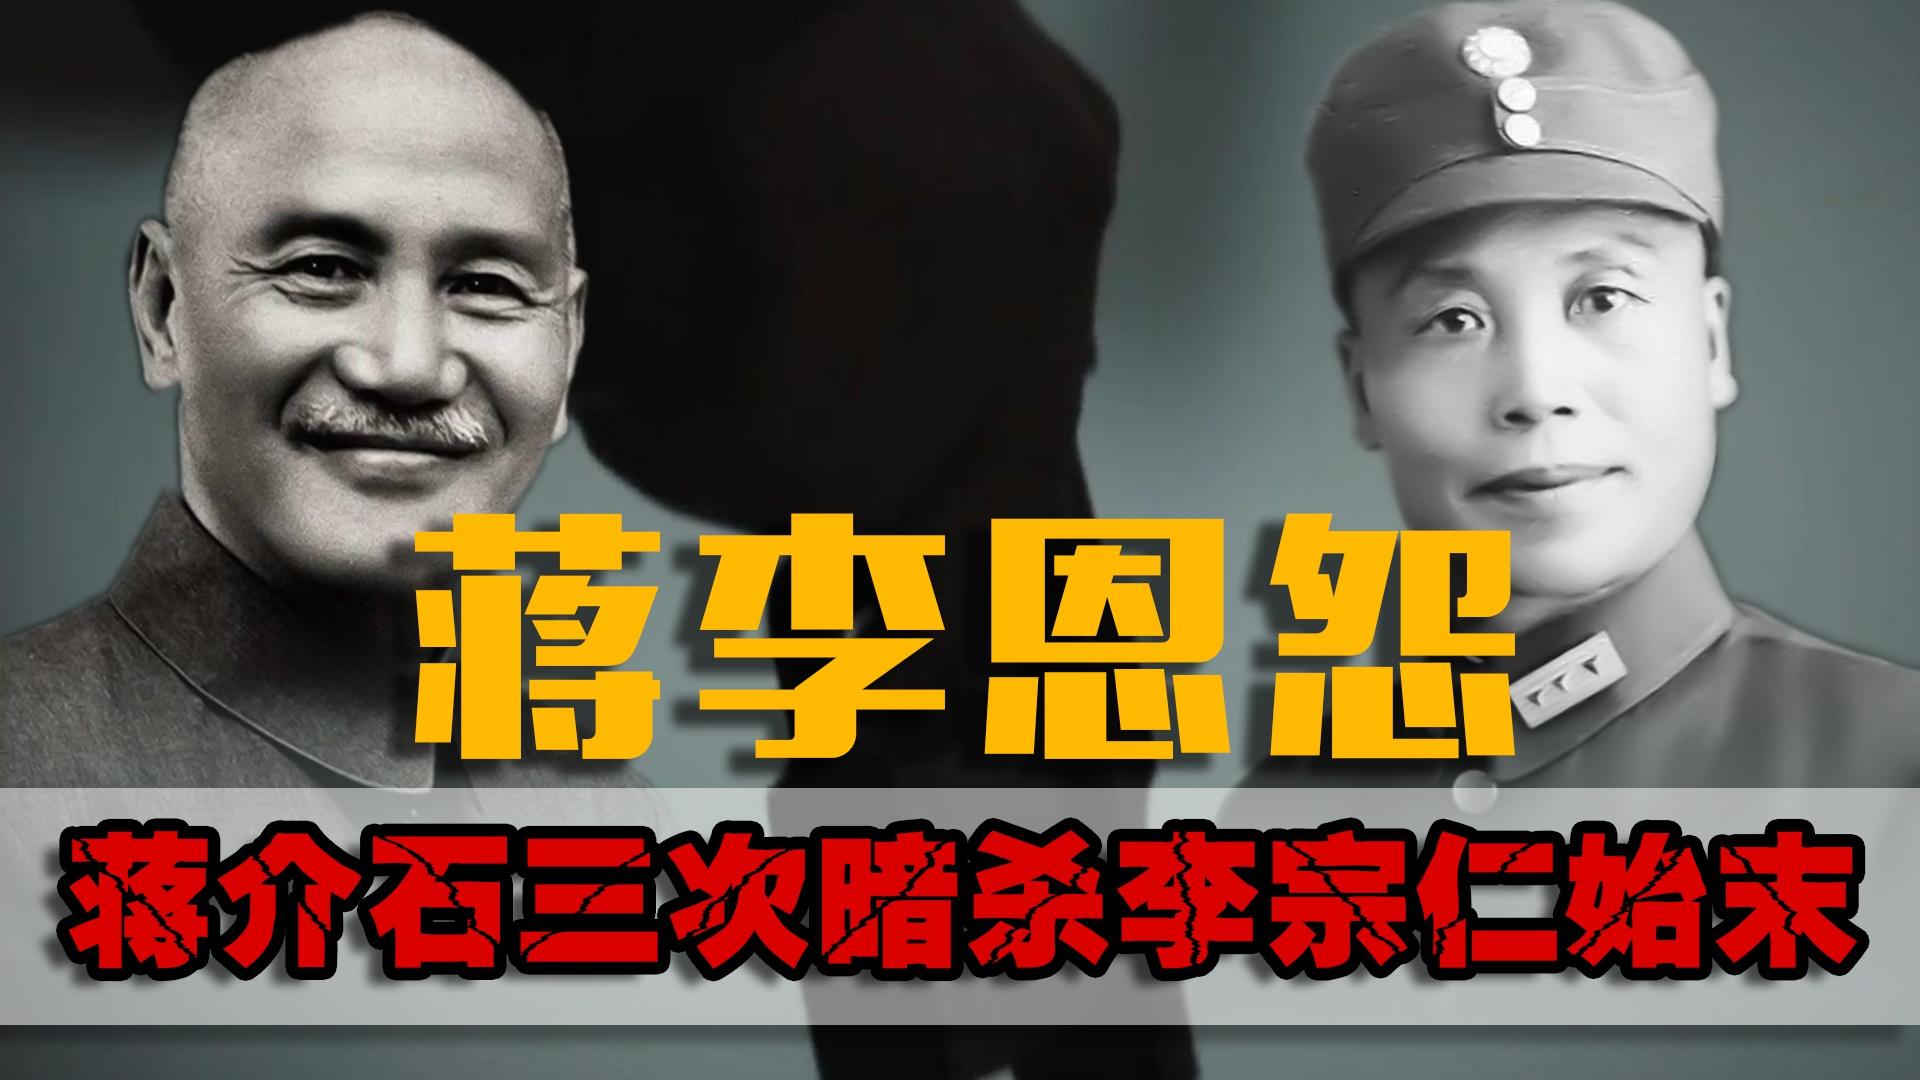 """""""蒋李恩怨"""":蒋介石三次派人暗杀李宗仁,但为何没有一次成功?"""